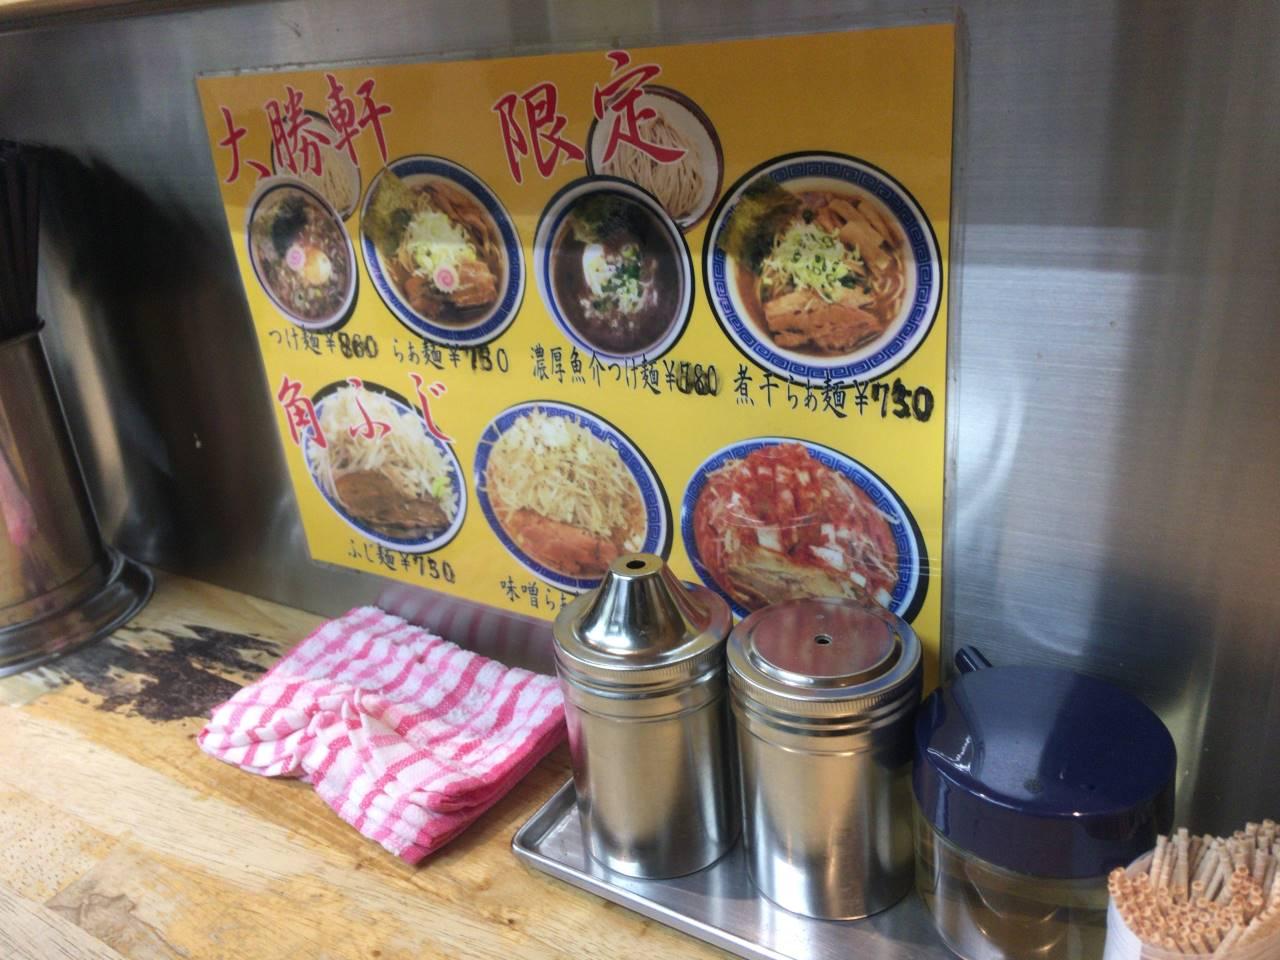 麺絆や 519(こいけ) カウンターのメニュー一蘭